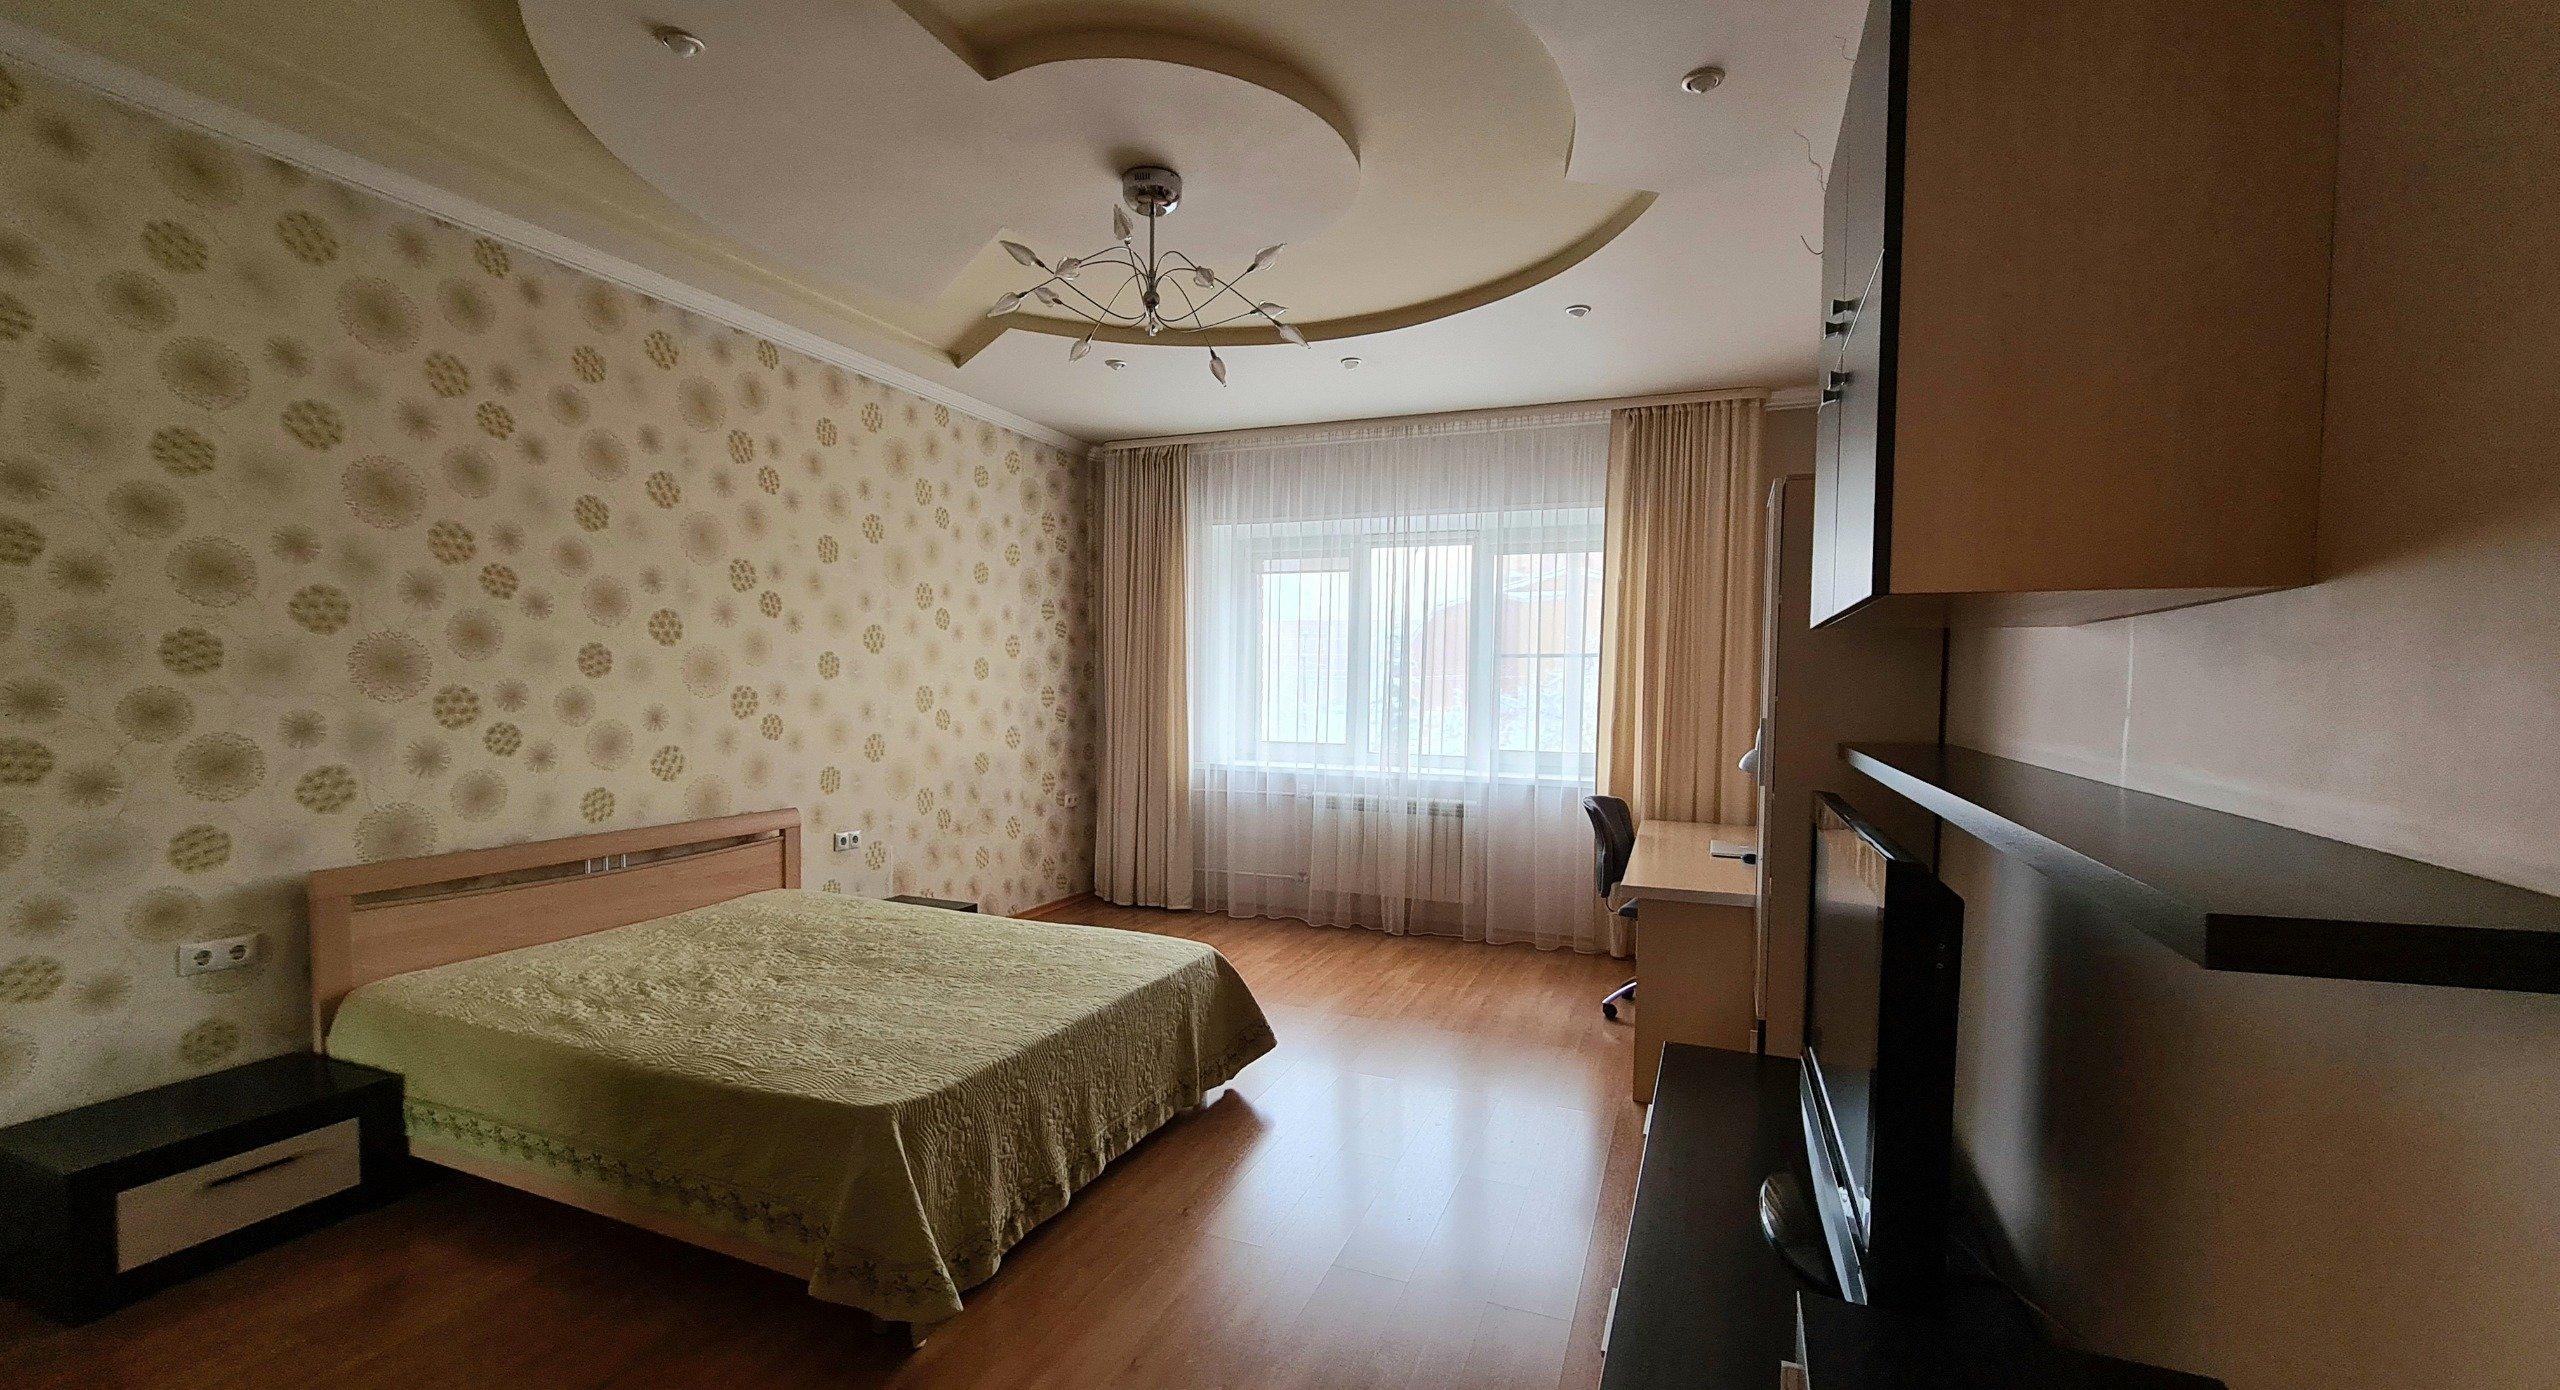 4к квартира ул Елены Стасовой, д 25 | 70000 | аренда в Красноярске фото 4